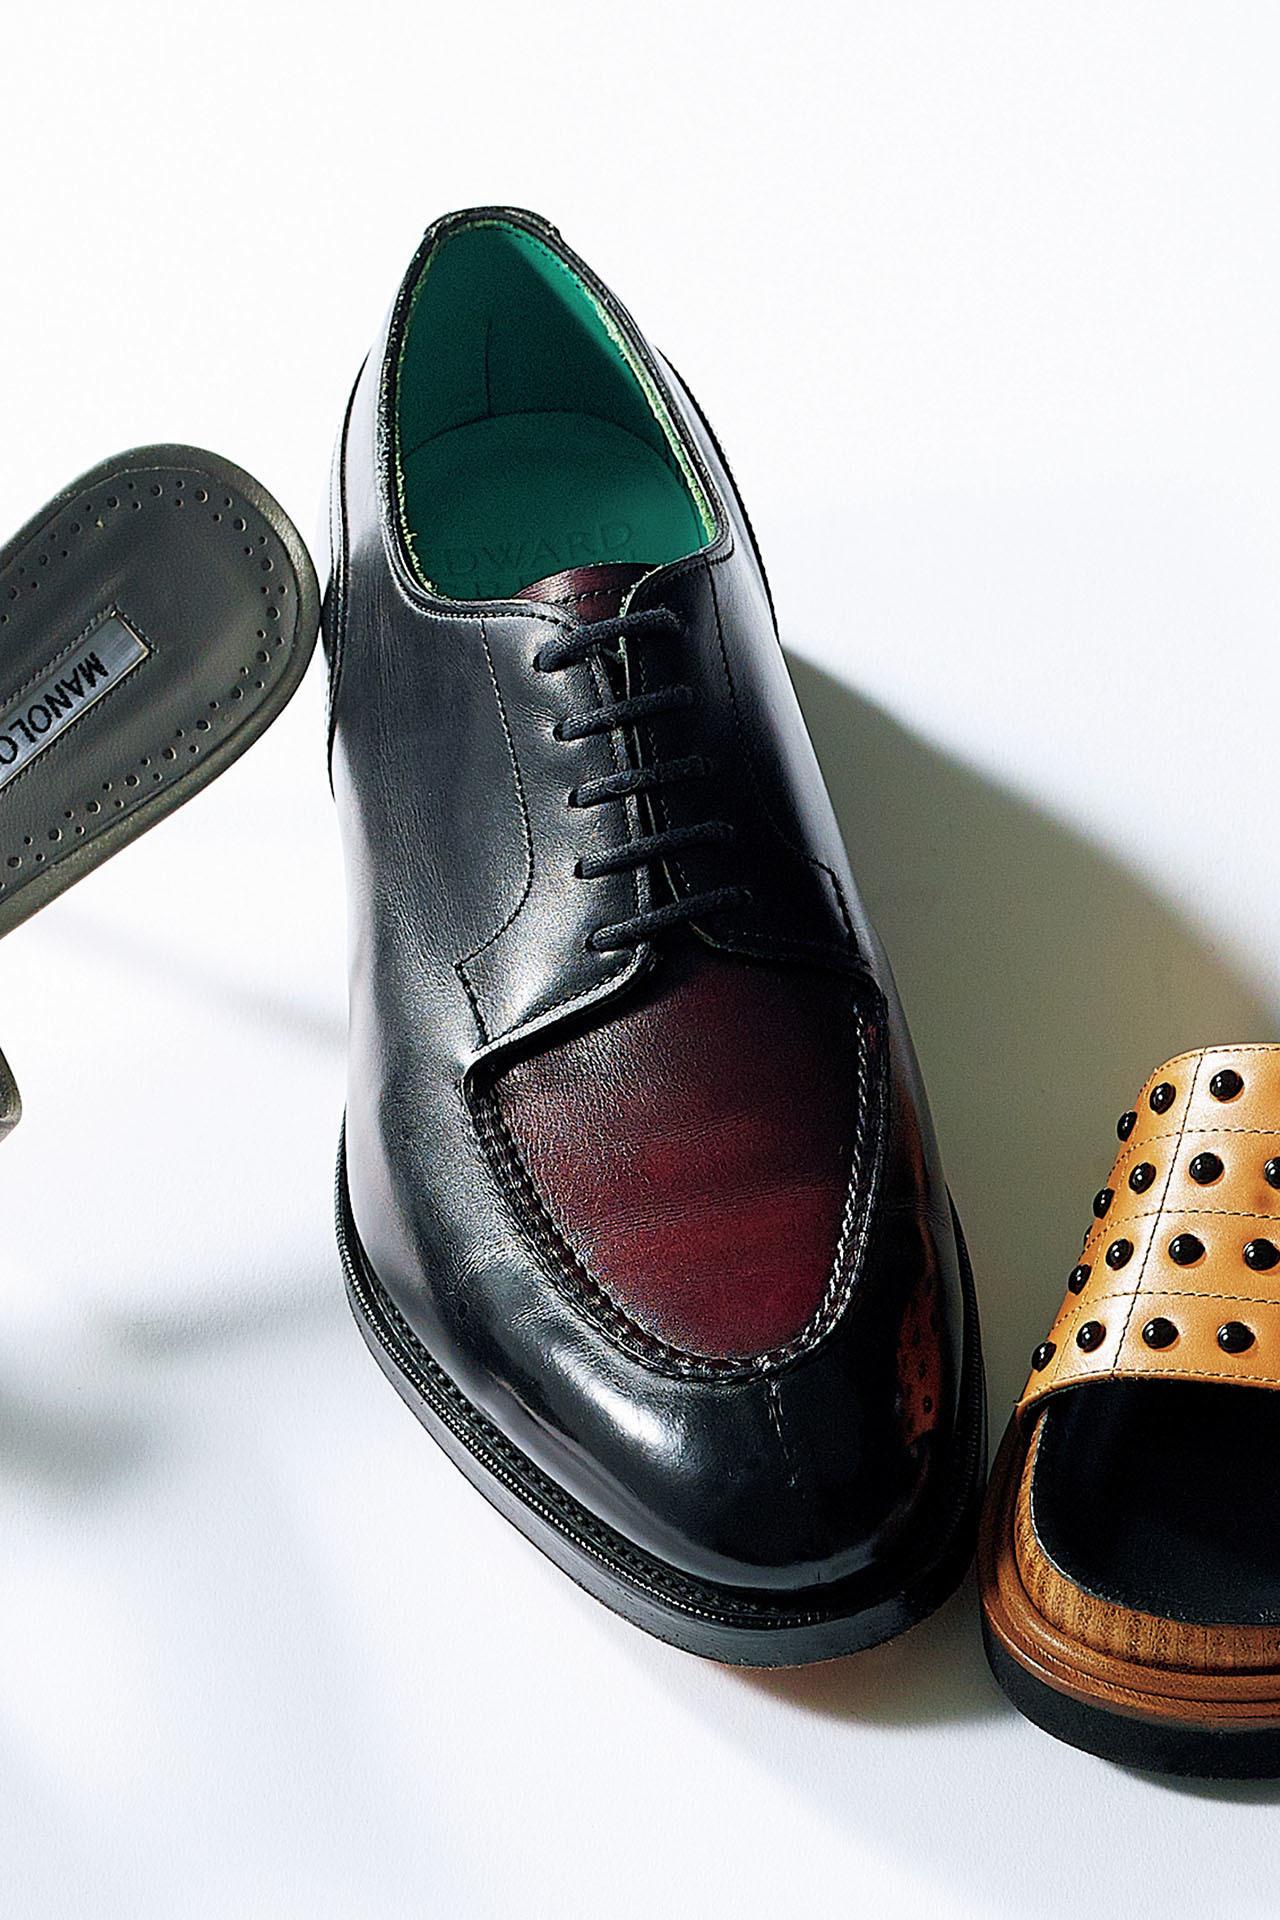 まずは足もとから!春にはきたい靴&コーディネート_1_1-6